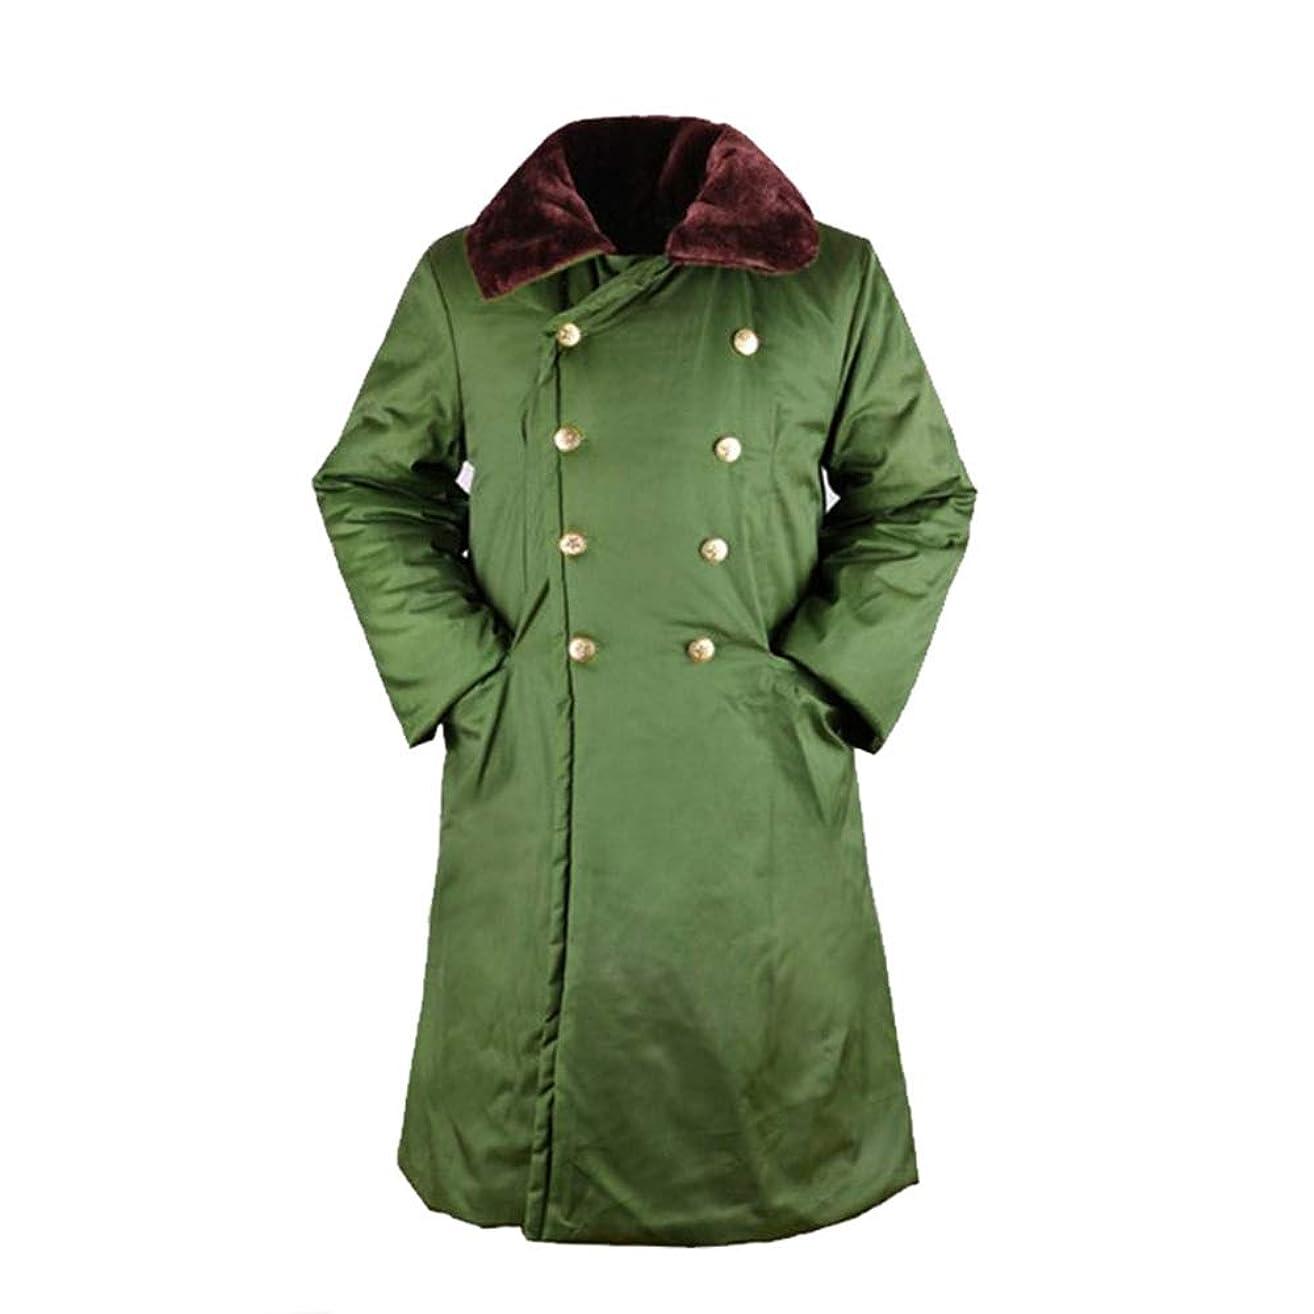 メーカー規定苦しみ陸軍の制服のジャケットの綿のコート長いセクション、男性と女性の軍服のための秋と冬の屋外暖かい綿のジャケット、防風性、通気性、防水冬のコート